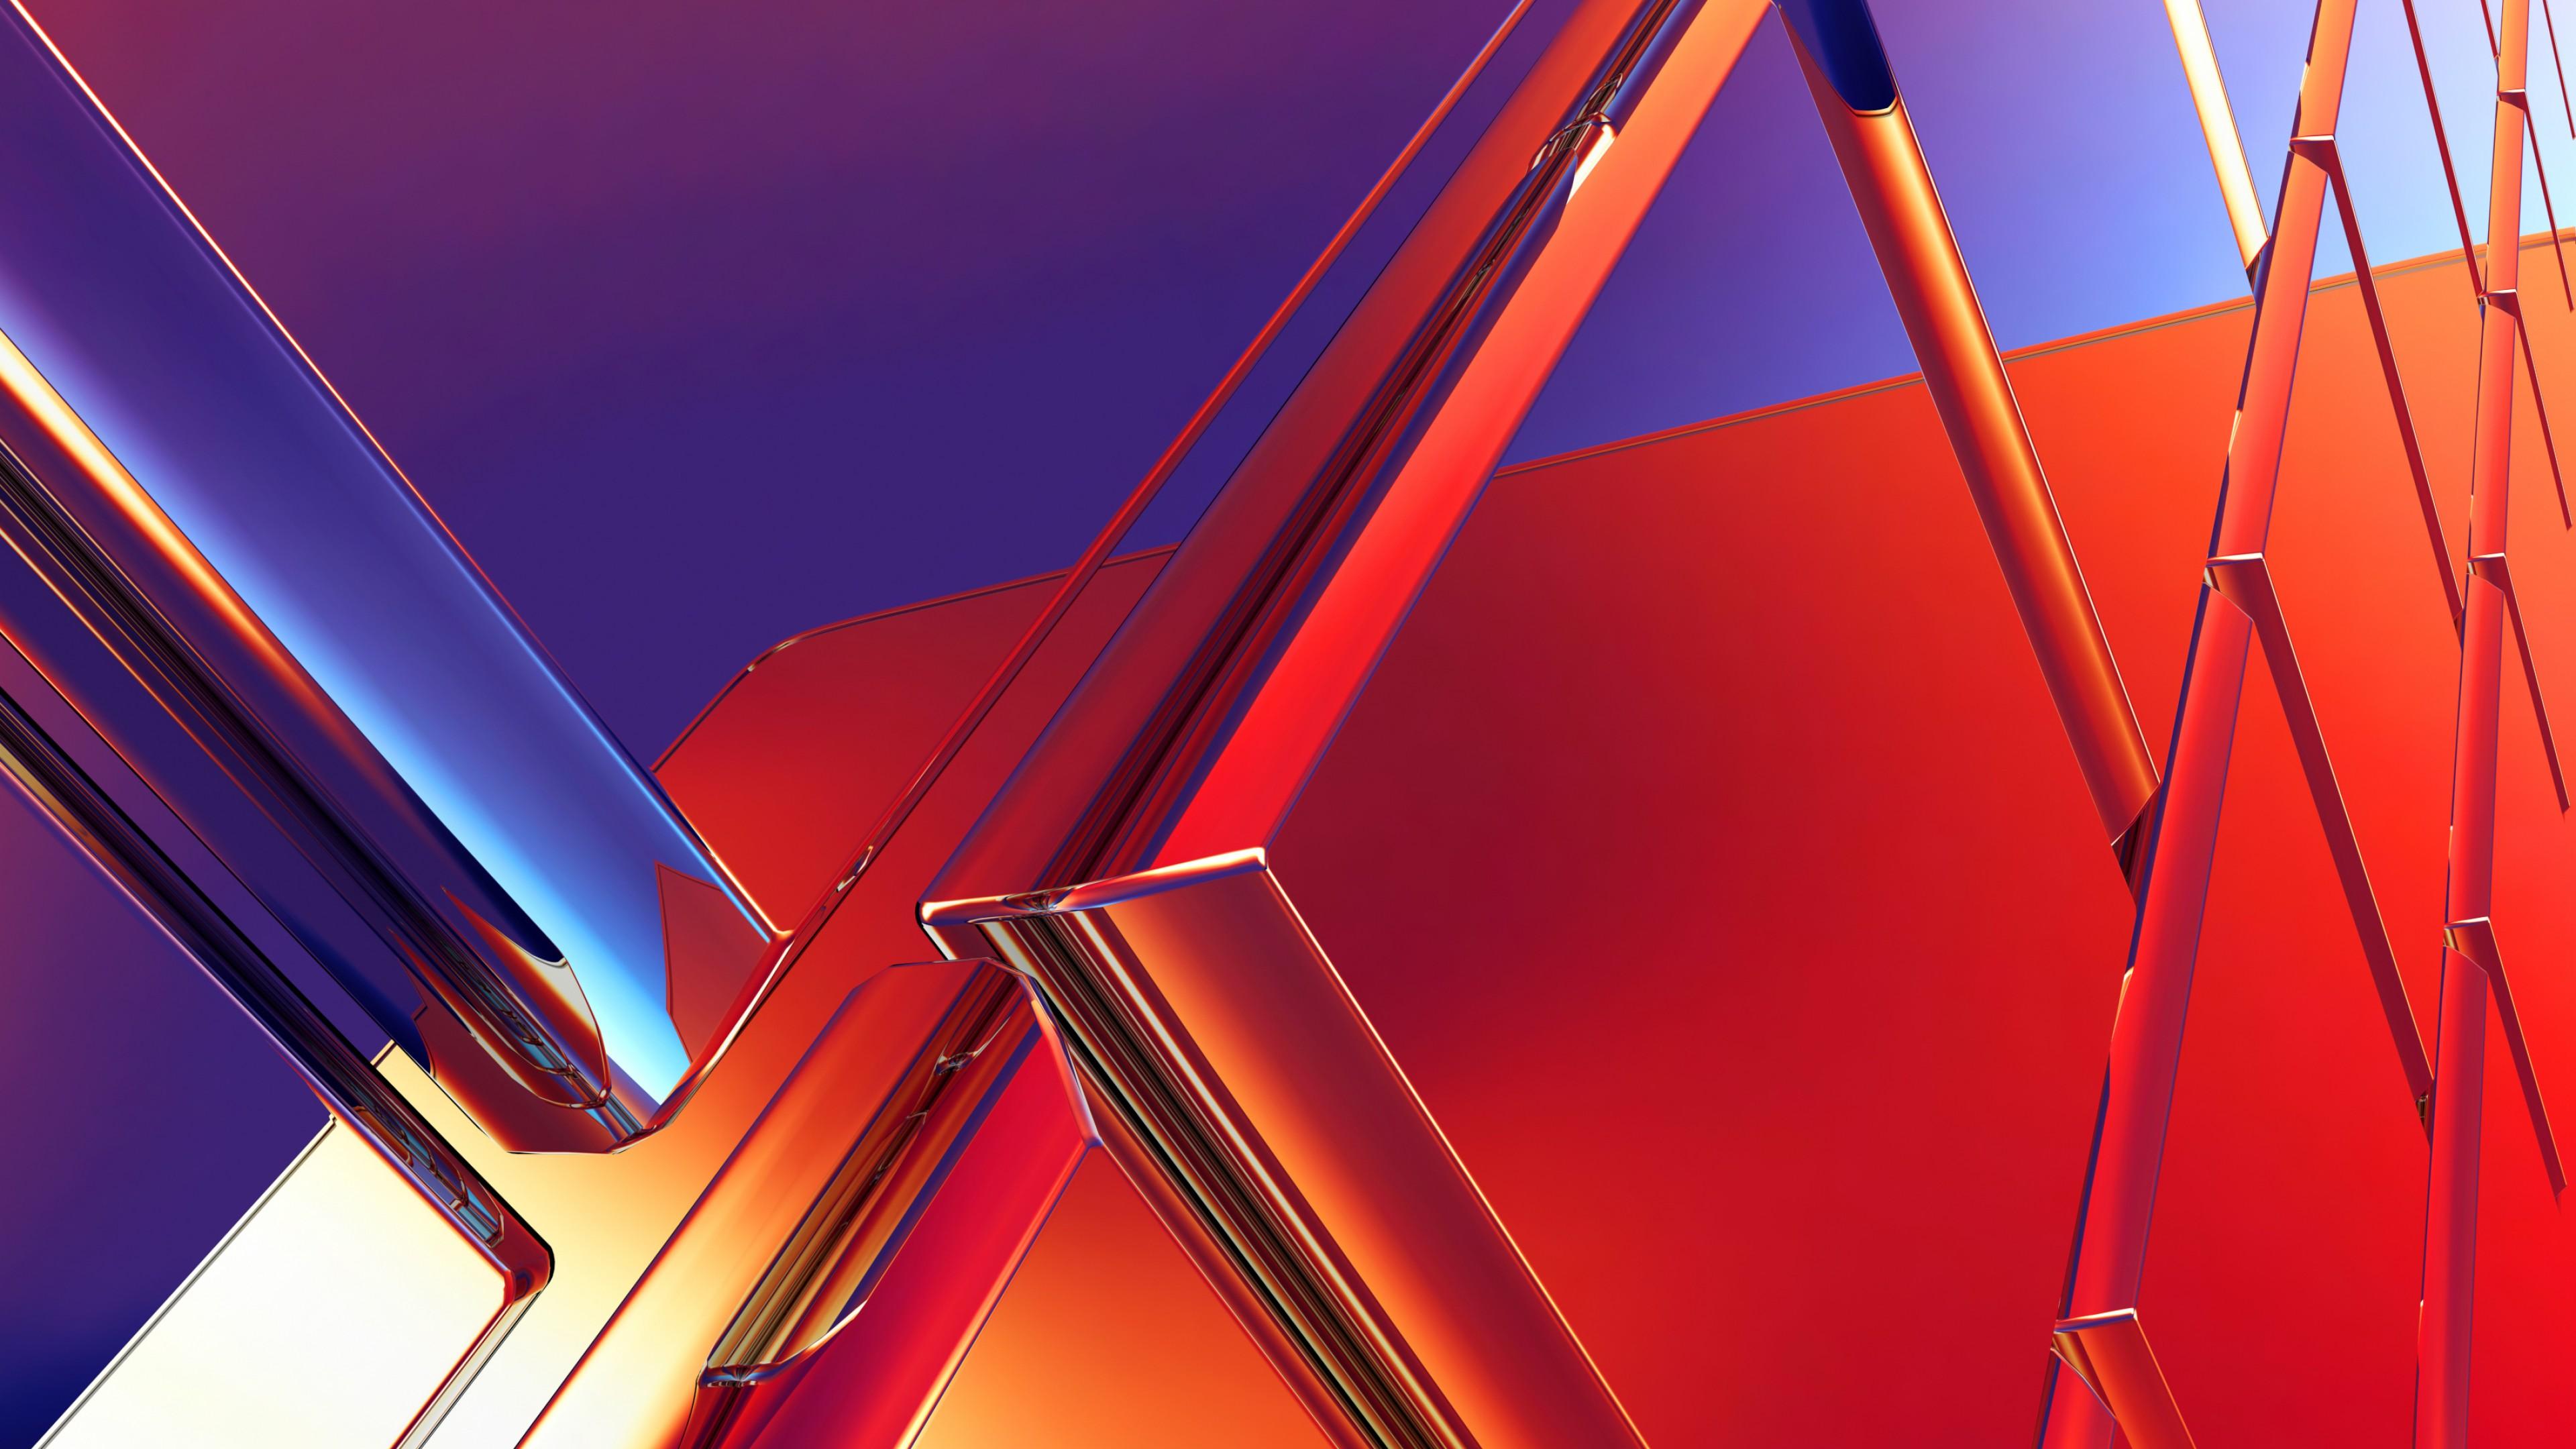 Металлические геометрические конструкции в красно-синих тонах